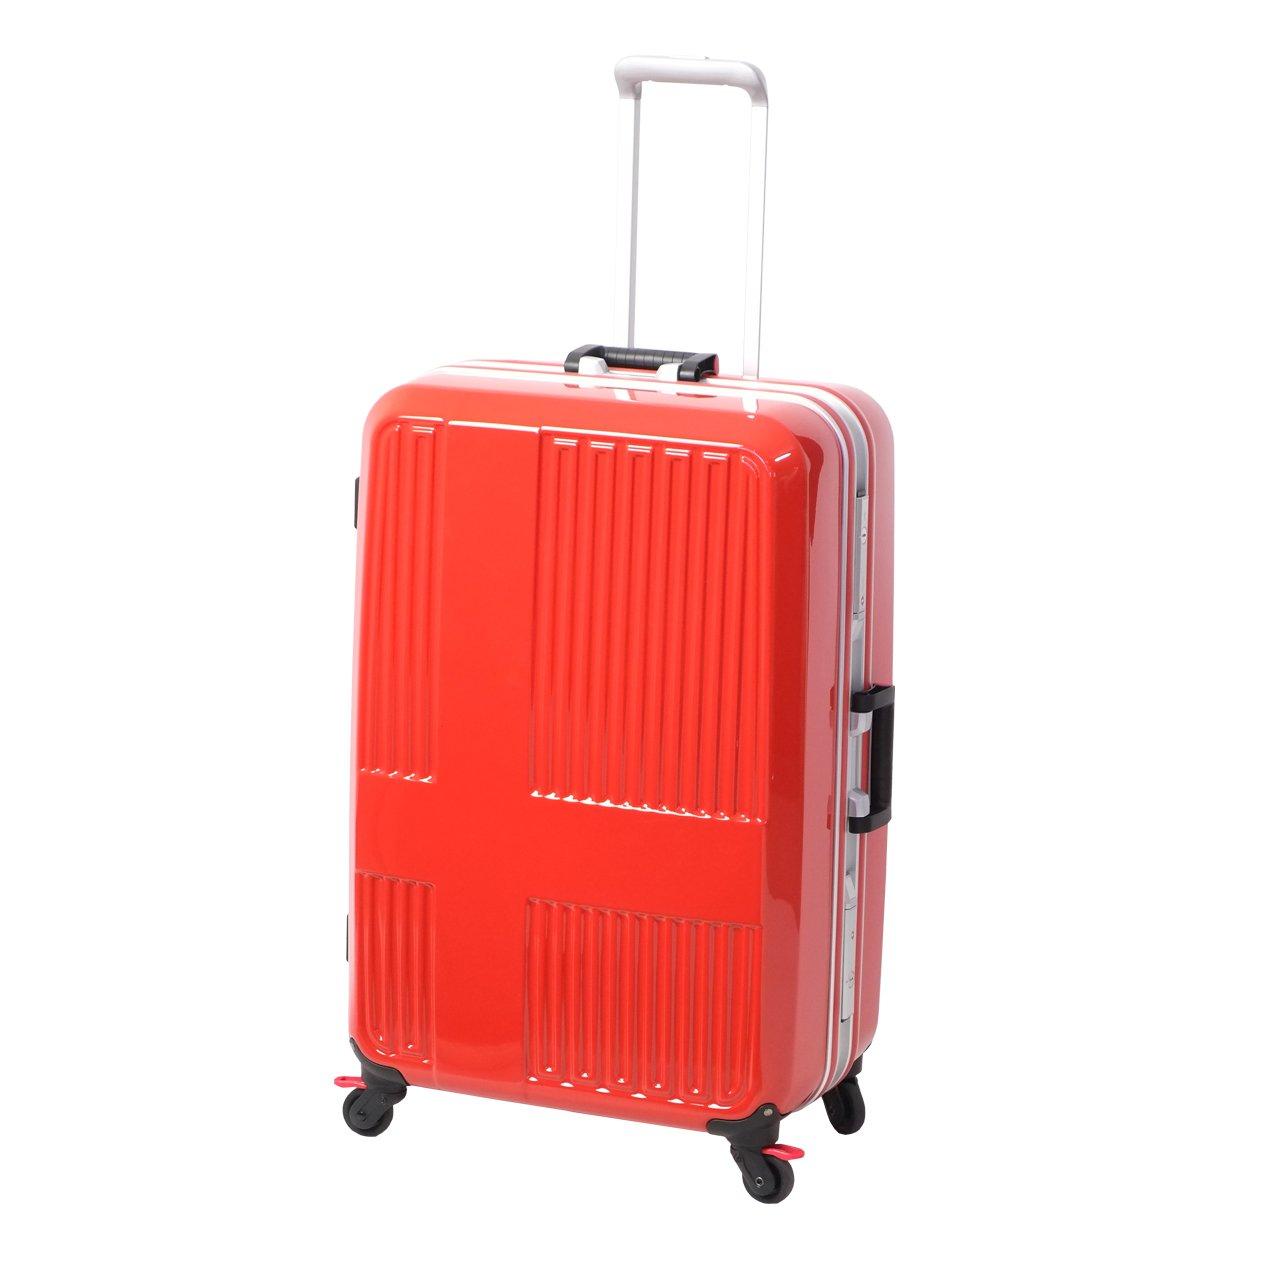 [イノベーター] スーツケース ハードキャリー フレーム 10周年限定モデル | 90L | 5.7kg | 足踏みストッパー | 保証付 90.0L 76cm 5.7kg INV675  ミラーサンセットオレンジ/シルバー B074GL37GK